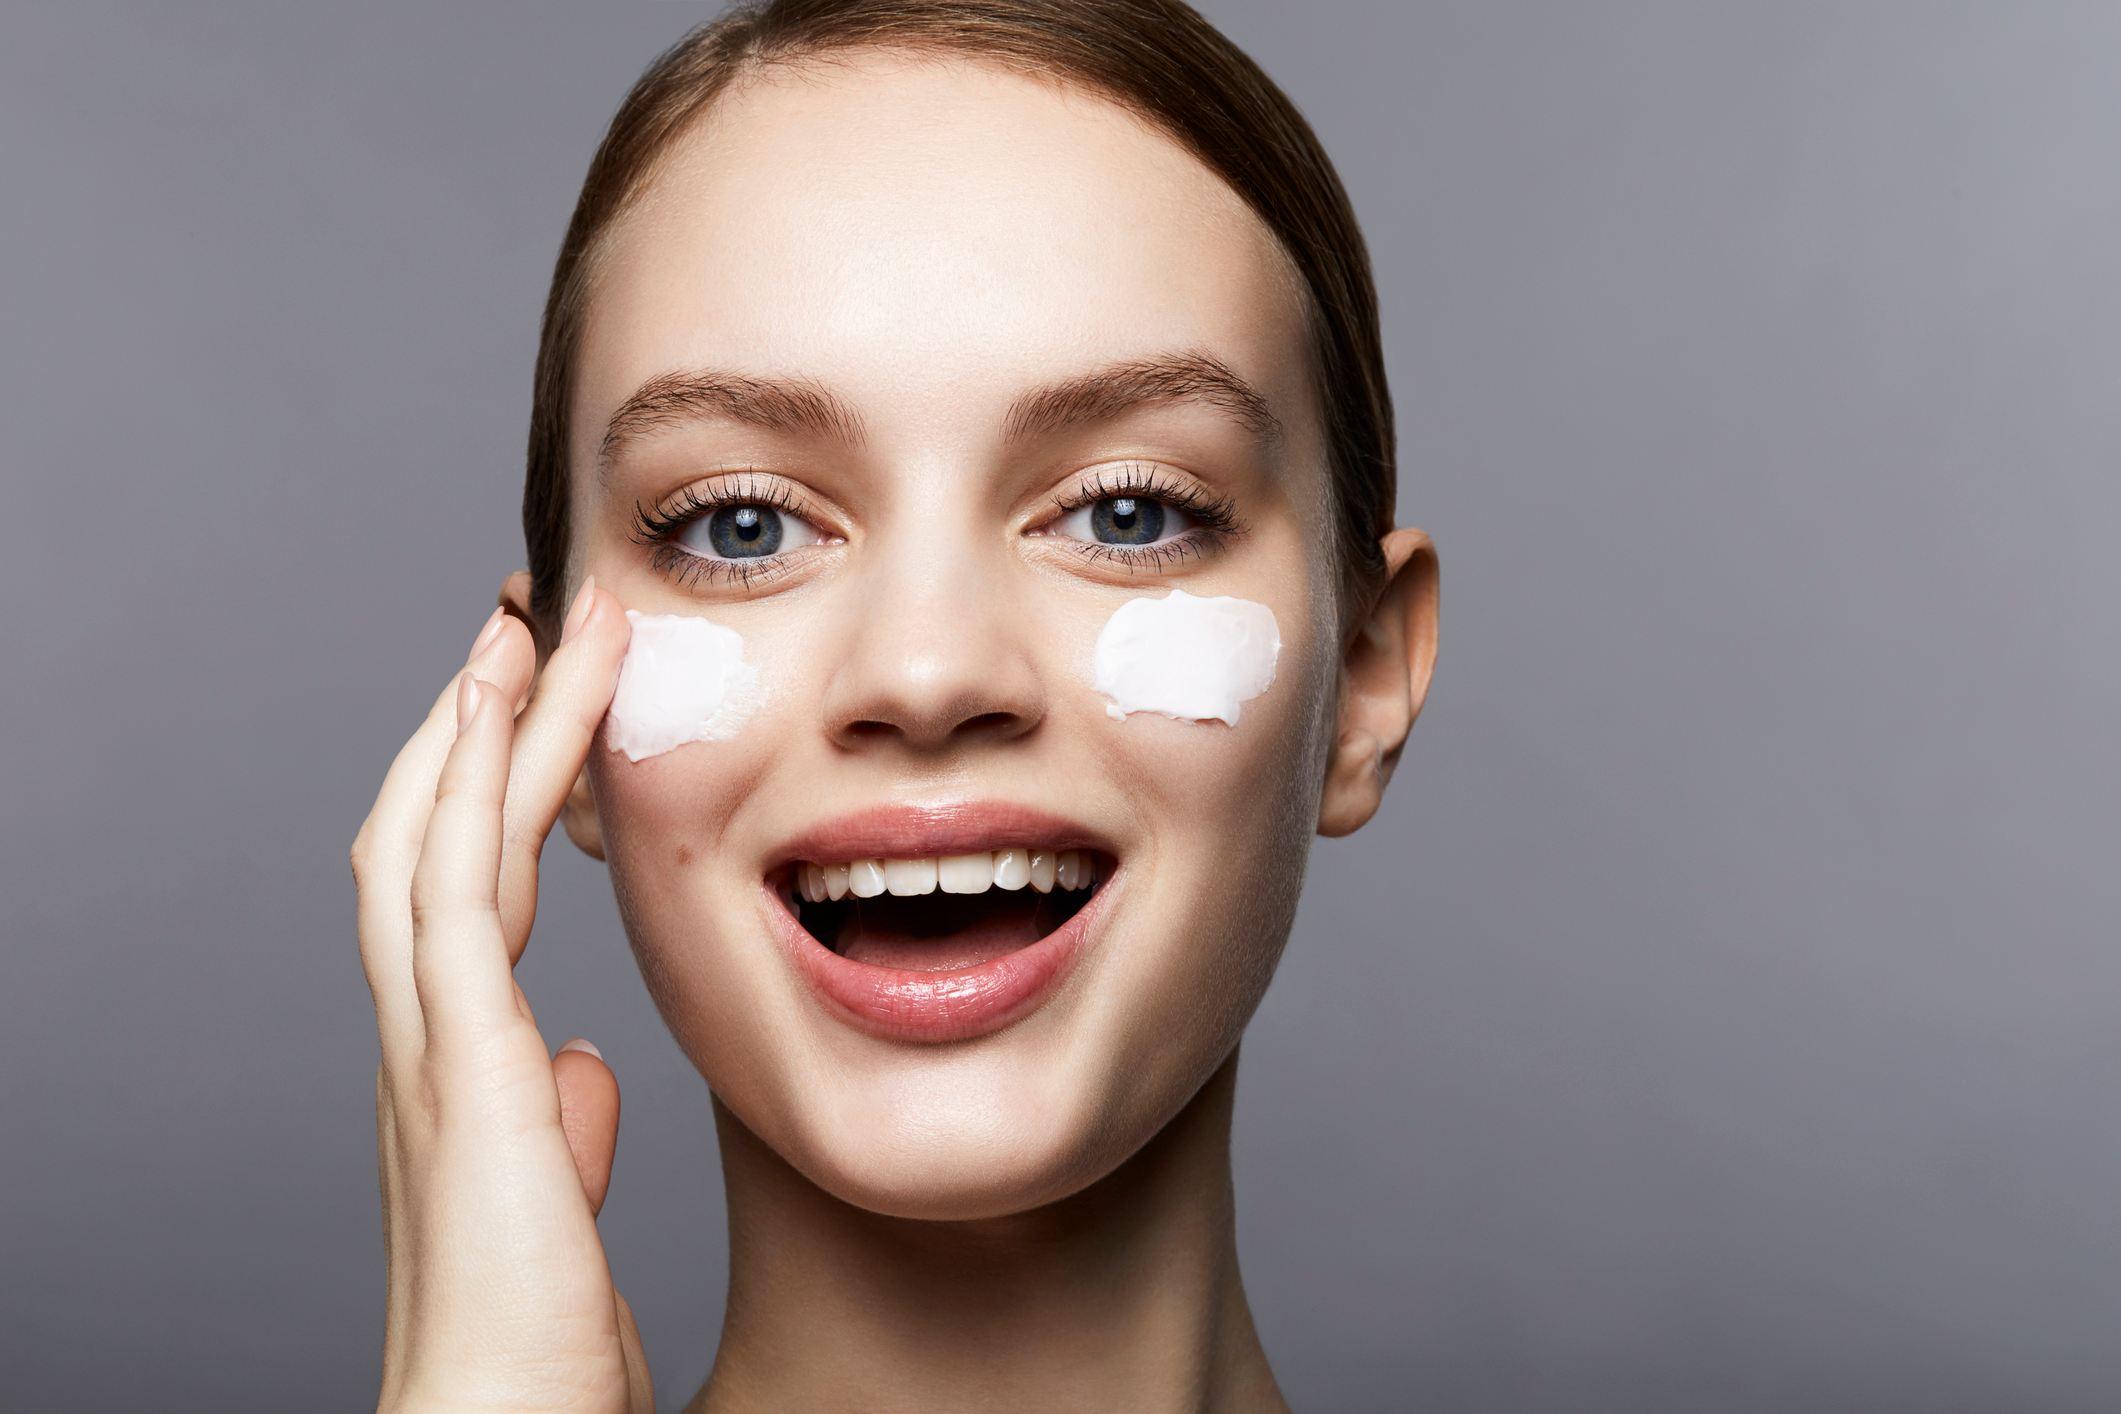 1.洗臉前絕對要先卸妝 長痘痘有各種原因,有可能是妳的身體問題或是飲食習慣,但至少在這邊,我們要先排除因為「清潔不夠徹底而造成痘痘長不停的原因」,而很多人都會有個錯誤的觀念,就是沒有化妝就不用卸妝,這是錯的,因為外面的空氣髒污,絕對比妳的化妝品還毒,所以洗臉前一定要將妝卸除乾淨,才開始洗臉